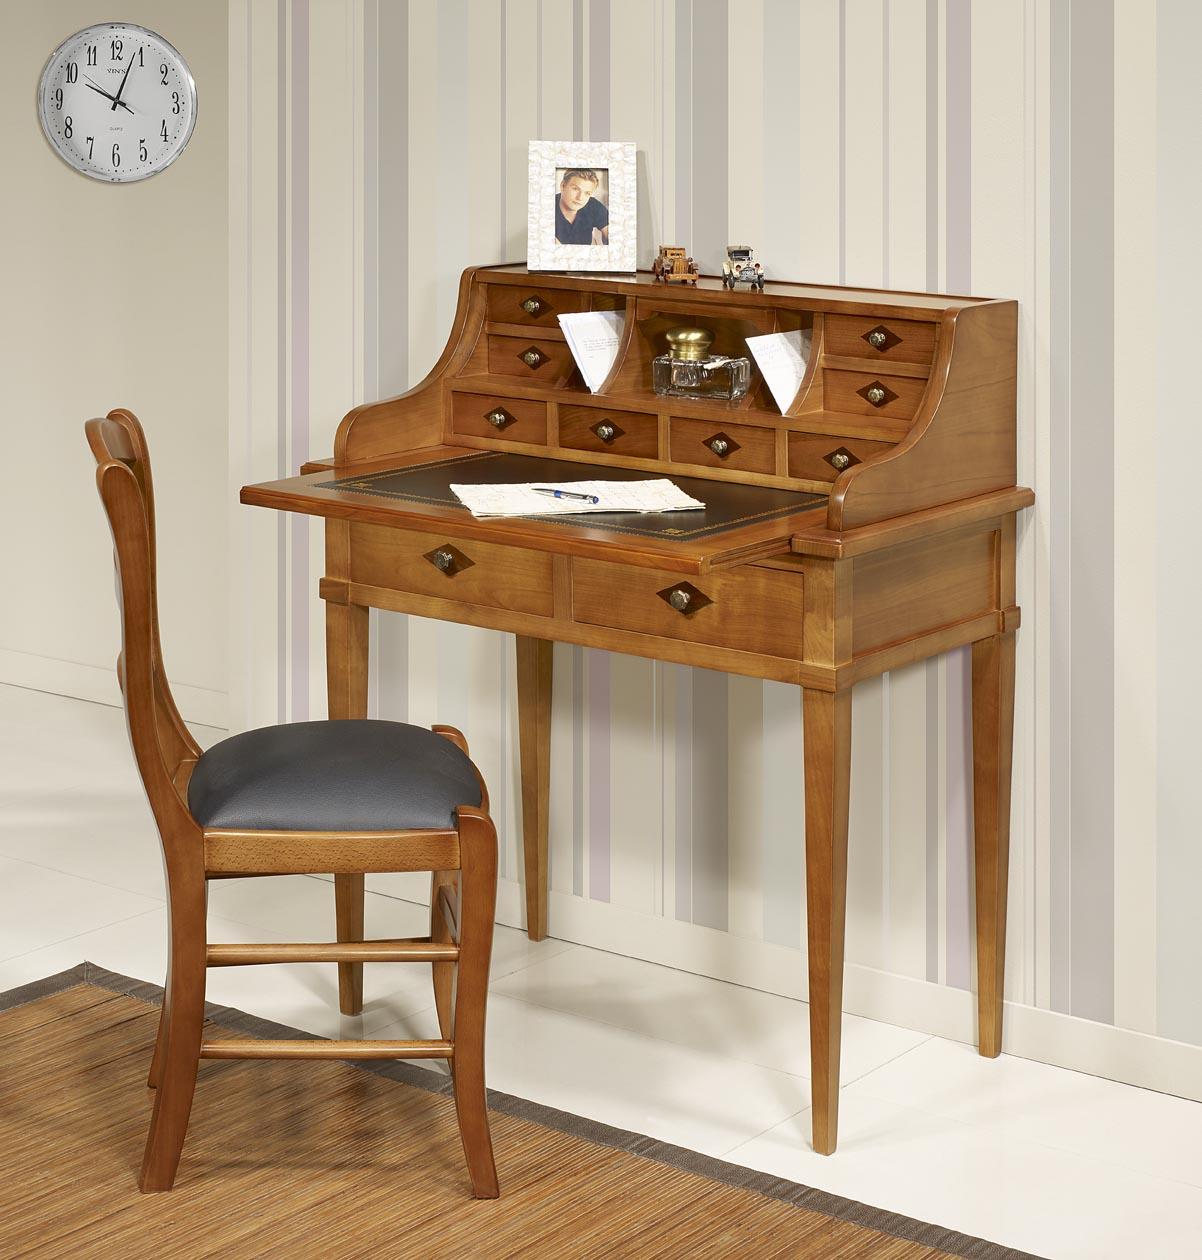 bonheur du jour en merisier de style directoire surface d 39 criture en moleskine noire meuble. Black Bedroom Furniture Sets. Home Design Ideas